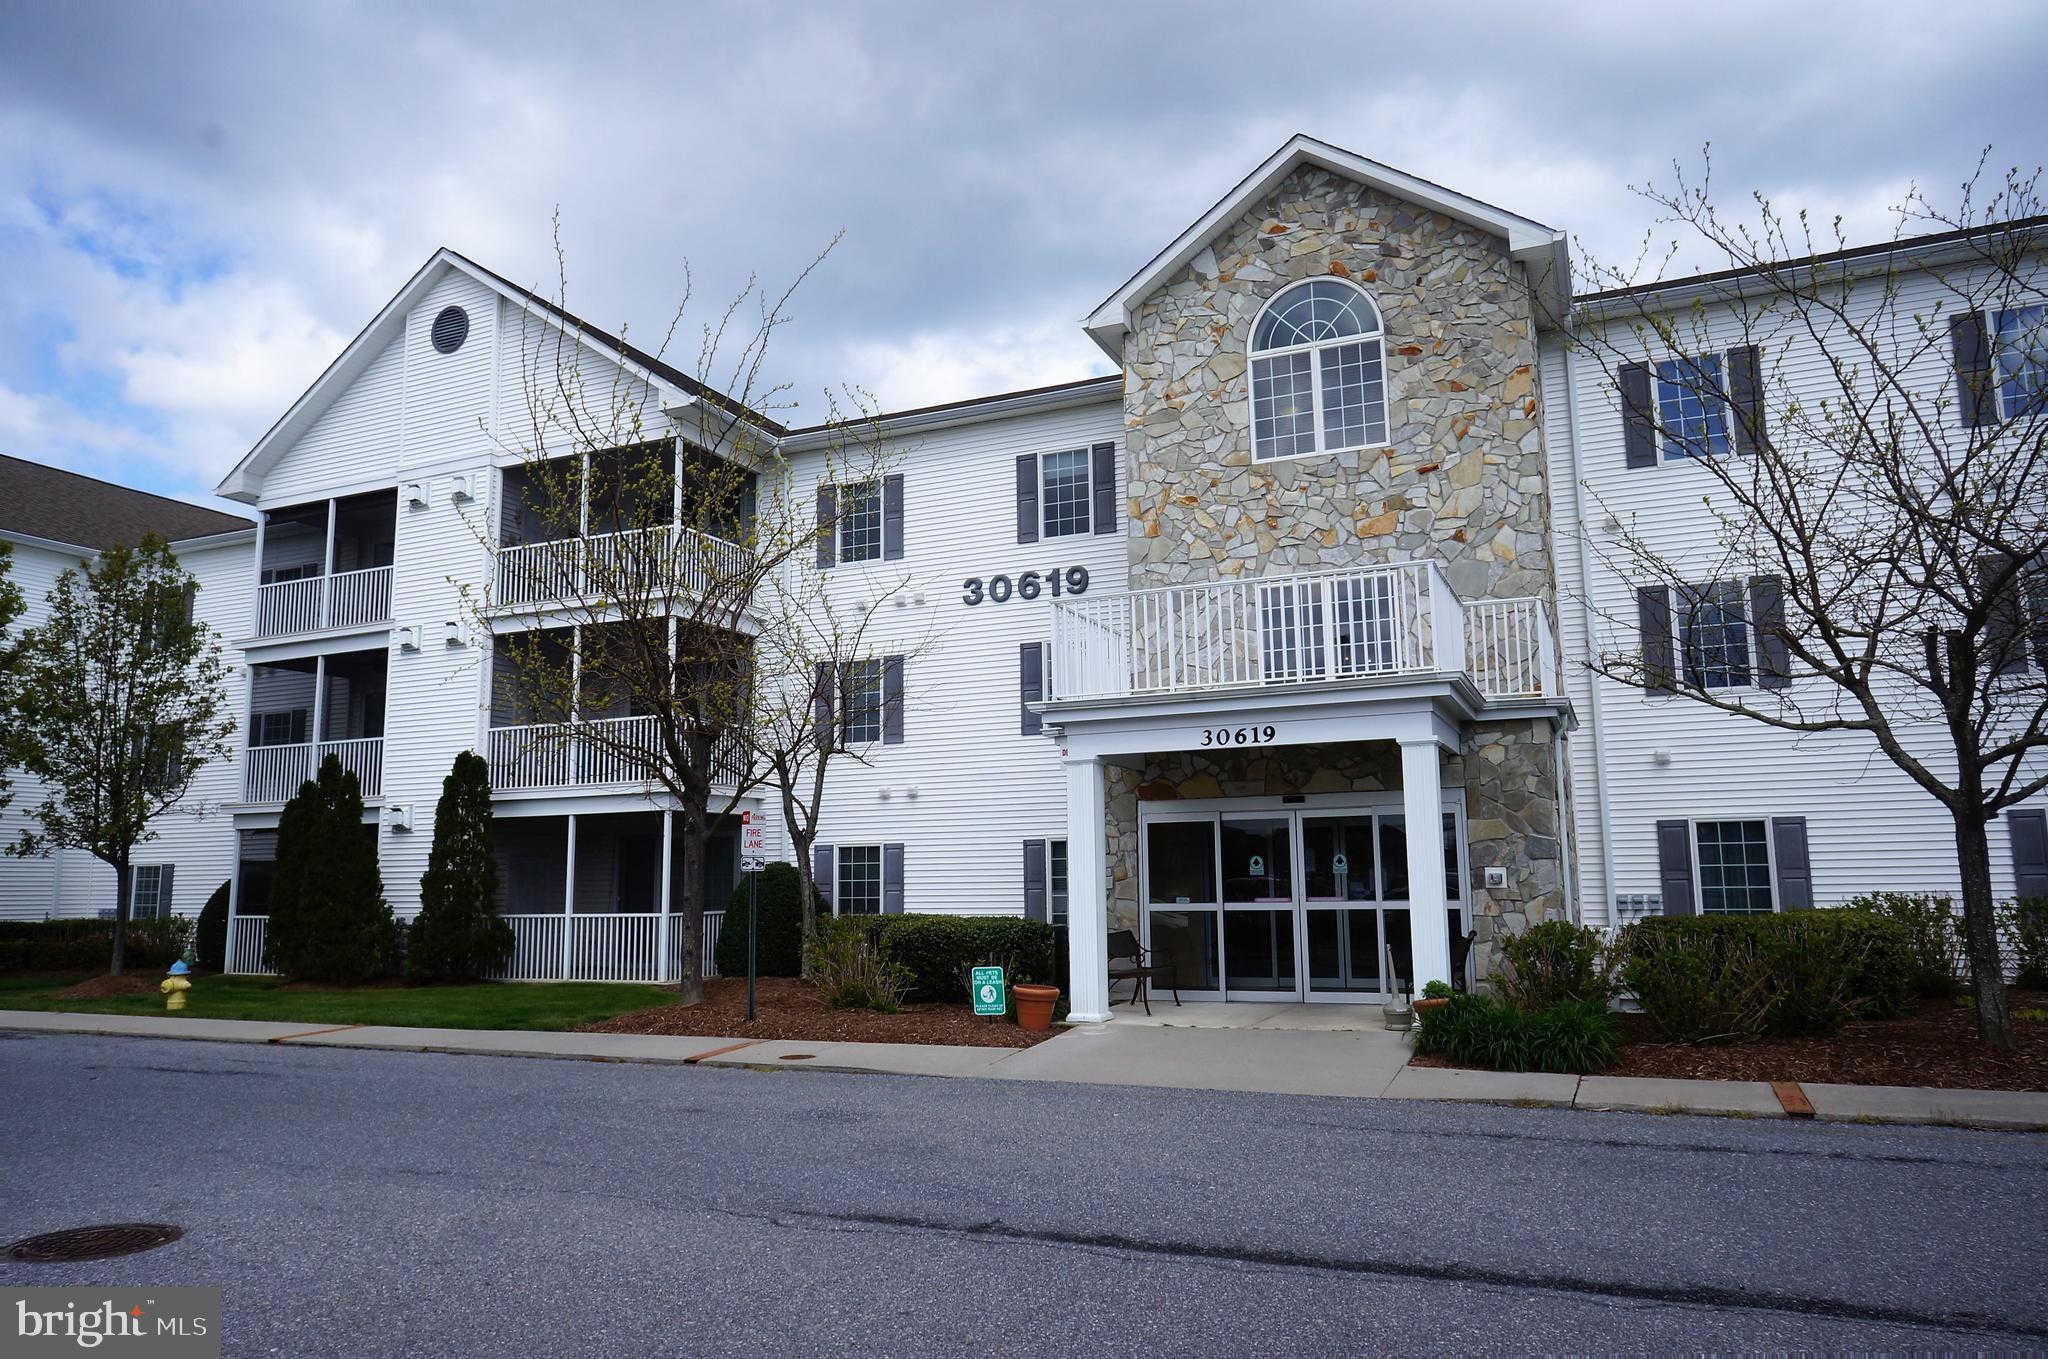 Another Property Sold - 30619 Cedar Neck Road #1304, Ocean View, DE 19970